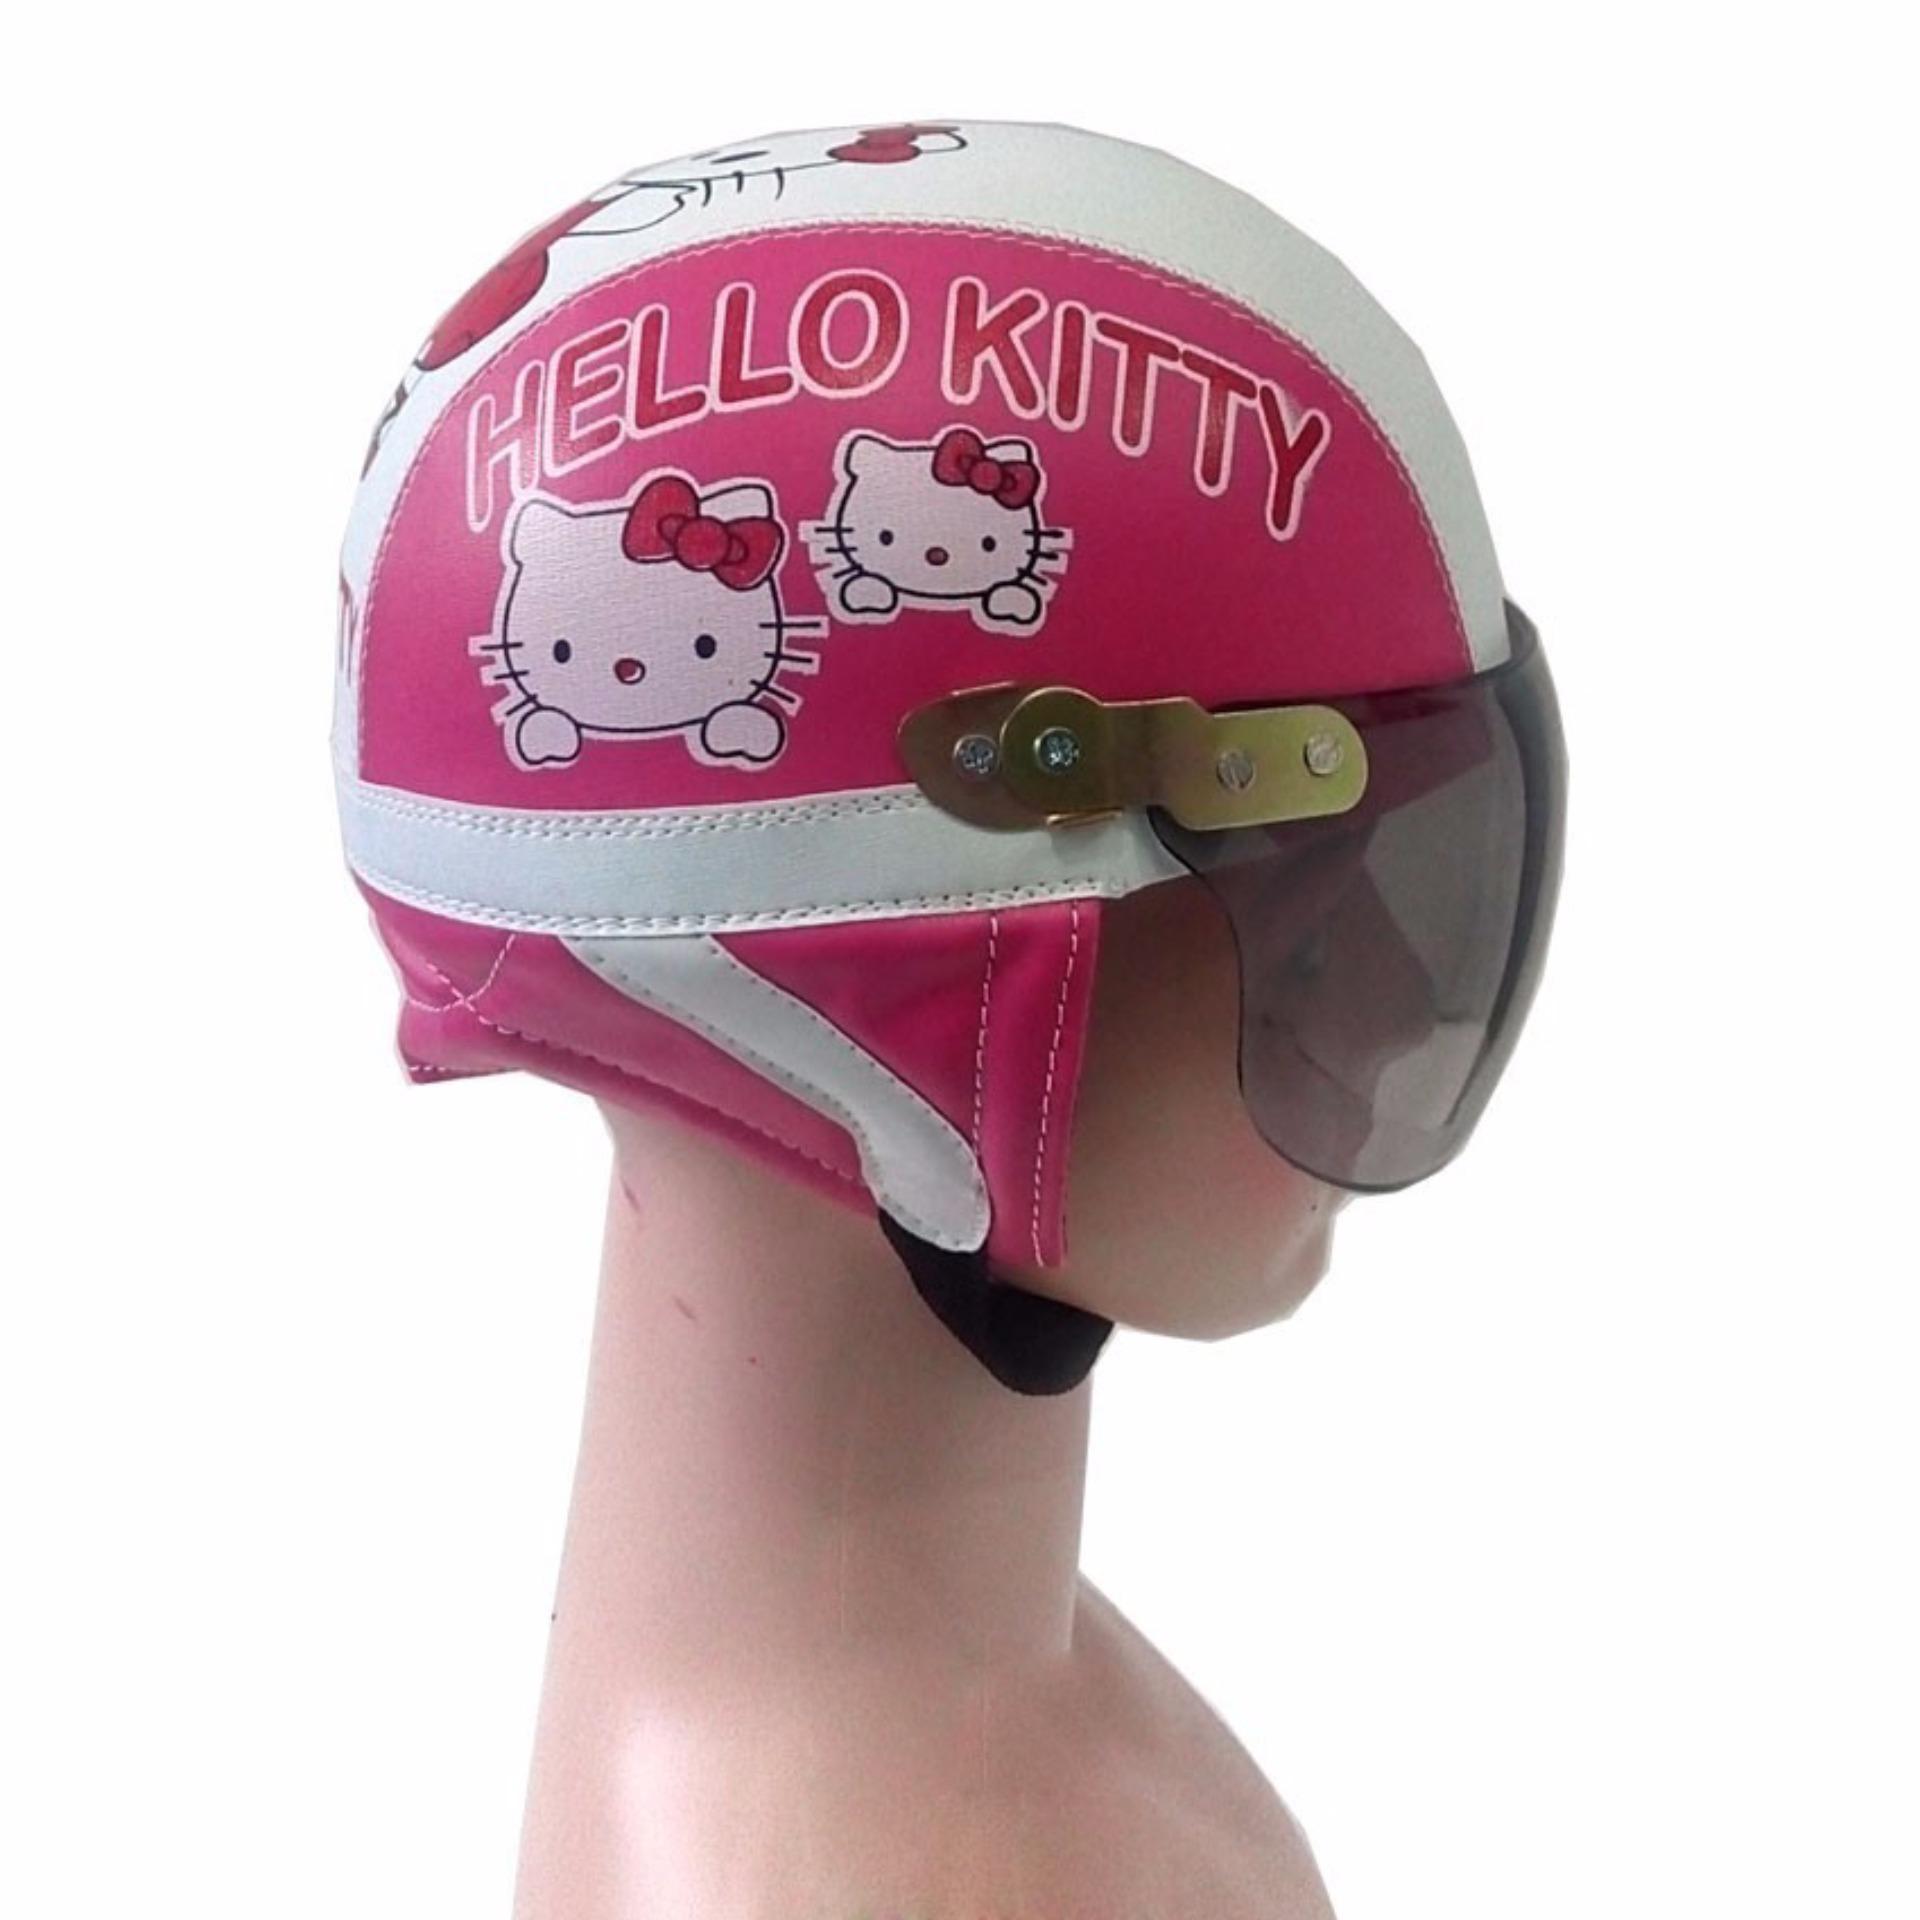 ... Broco Helm Anak anak broco retro kaca riben lucu usia 1 sampai 4tahun Motif Hello Kitty ...